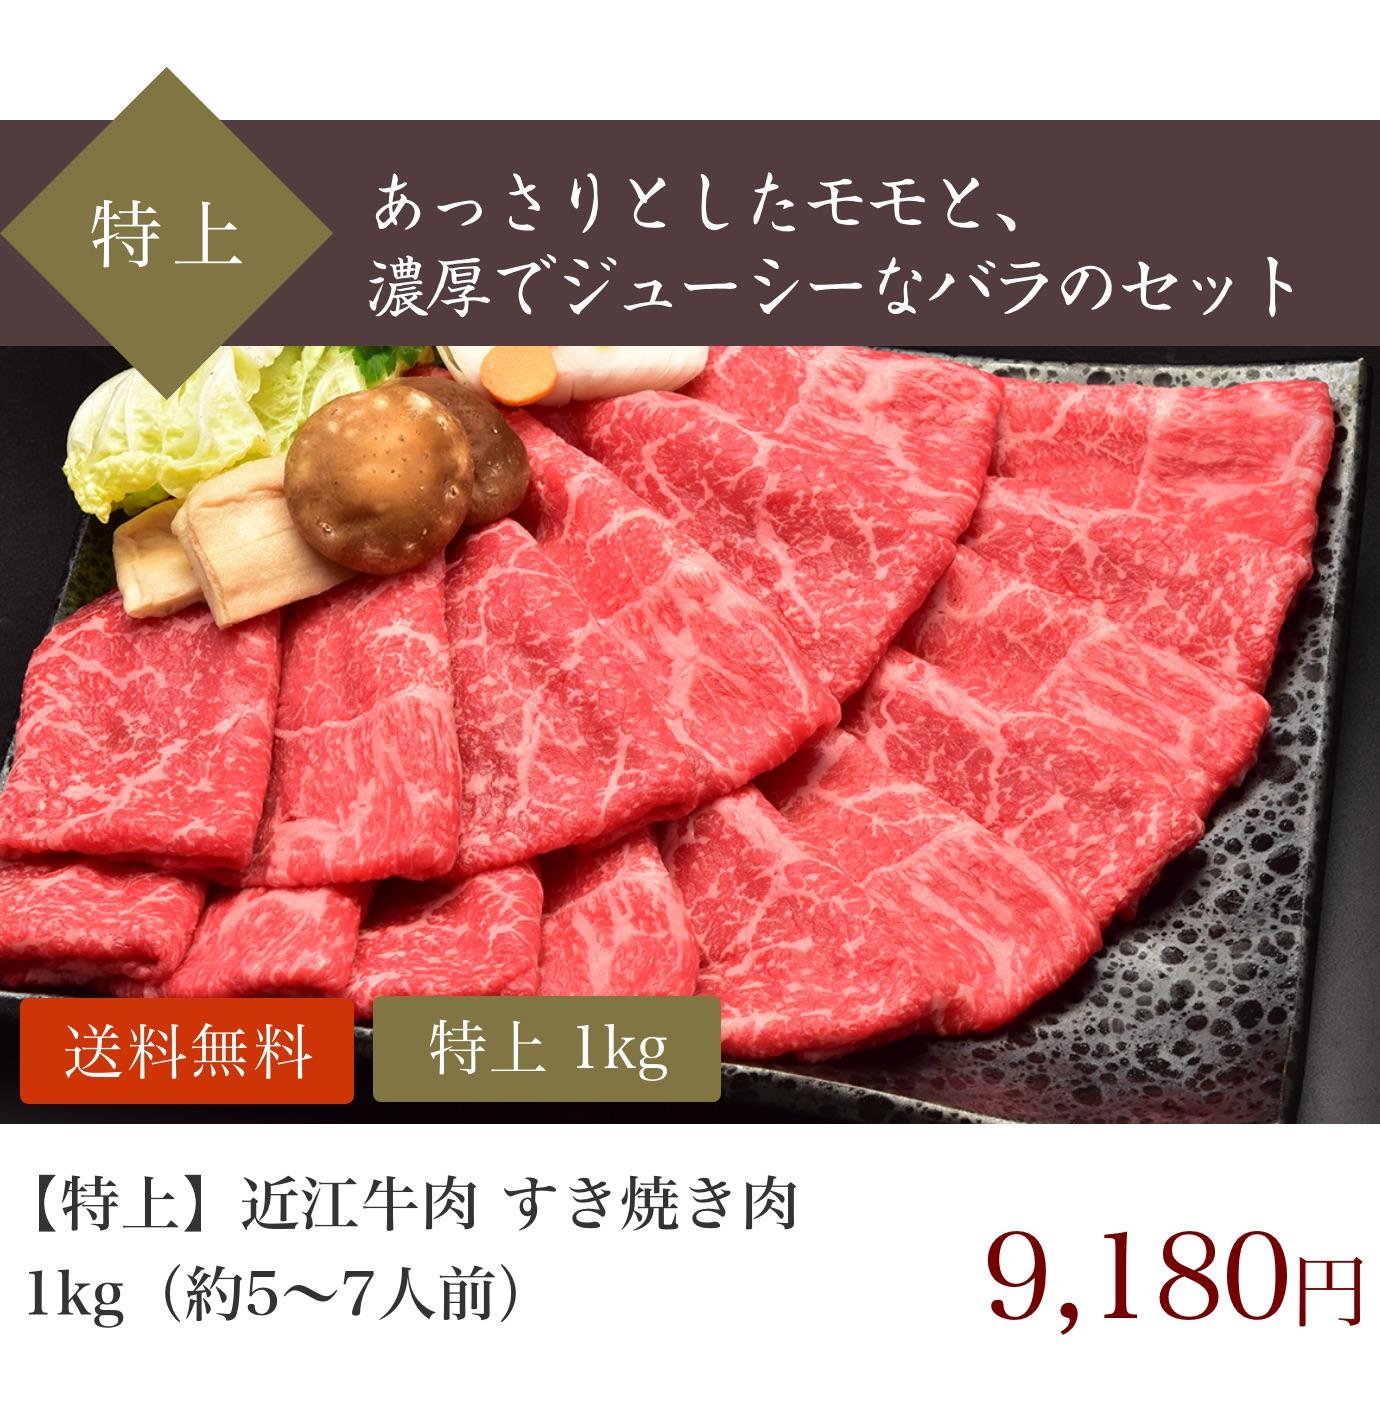 【特上】近江牛肉 すき焼き肉 1kg (約5〜7人前)